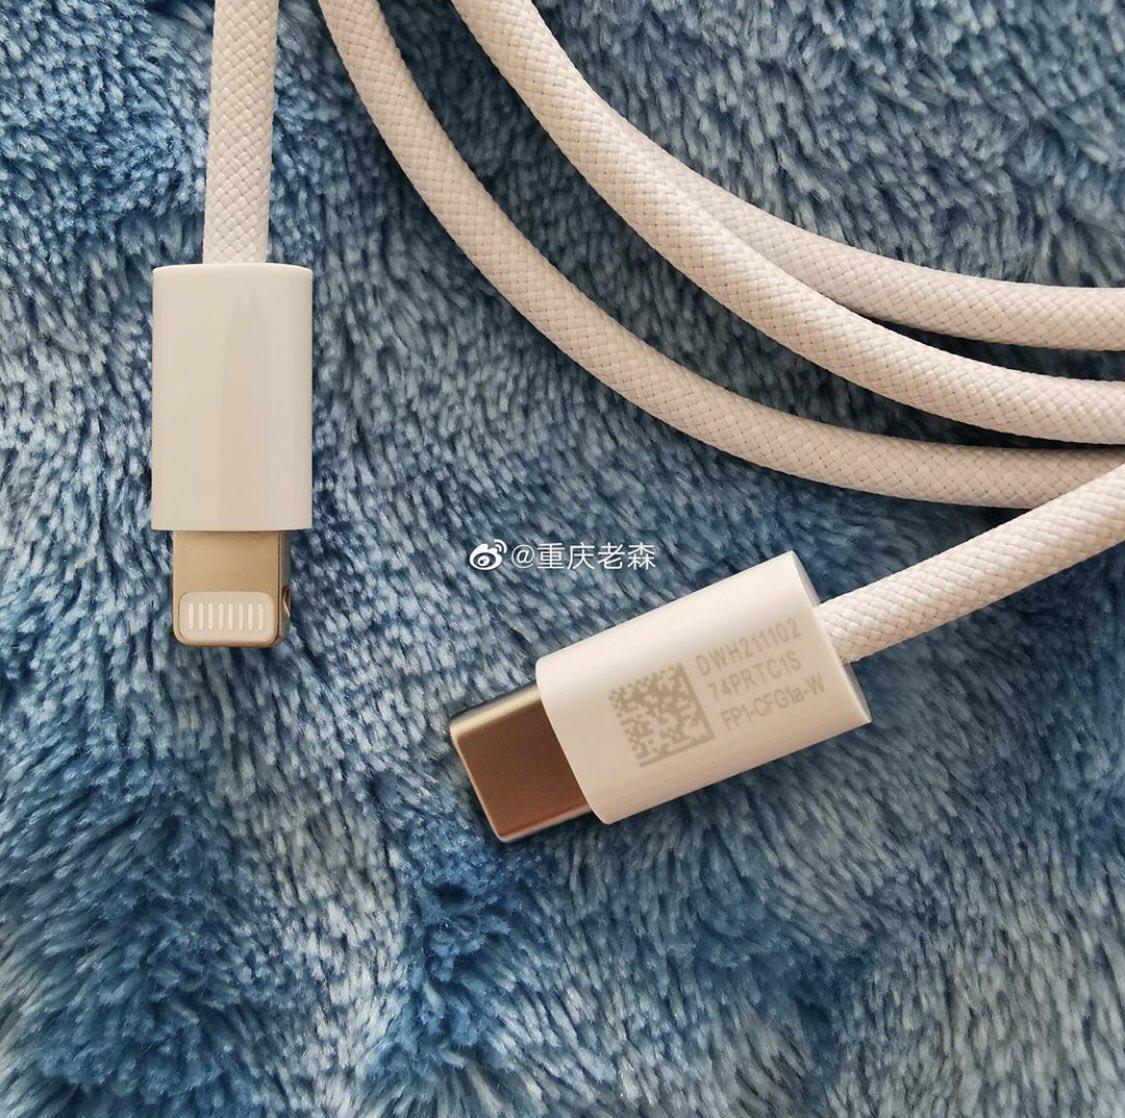 Apple Lightning USB C ケーブル